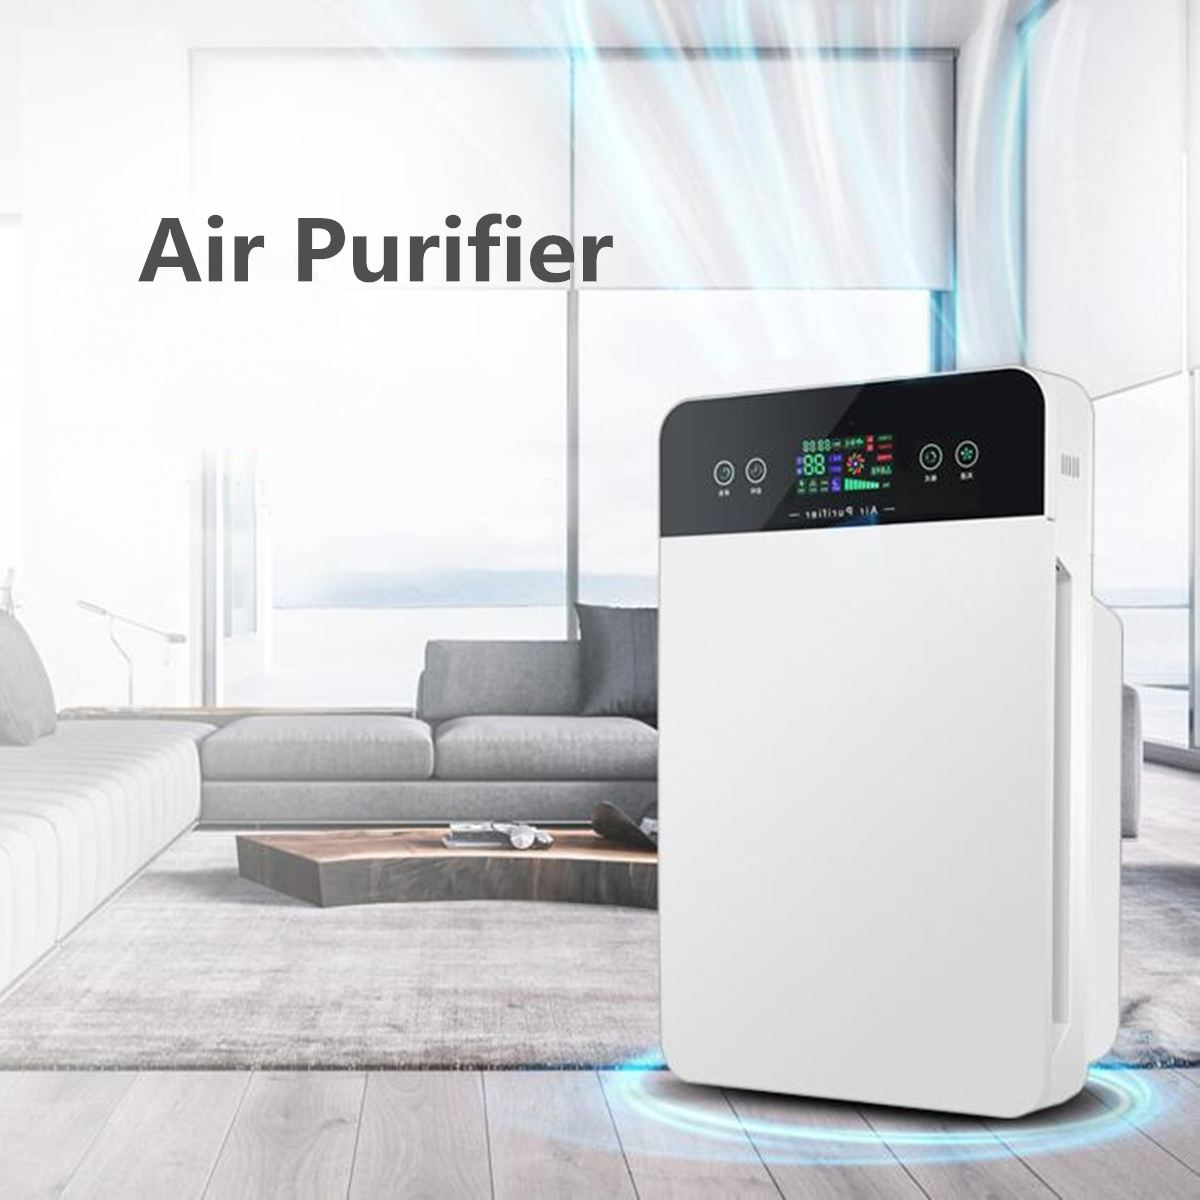 Умная воздухоочистительная система Электрический умные осушители очищает дым осушитель воздуха впитывает влагу дома бытовая техника